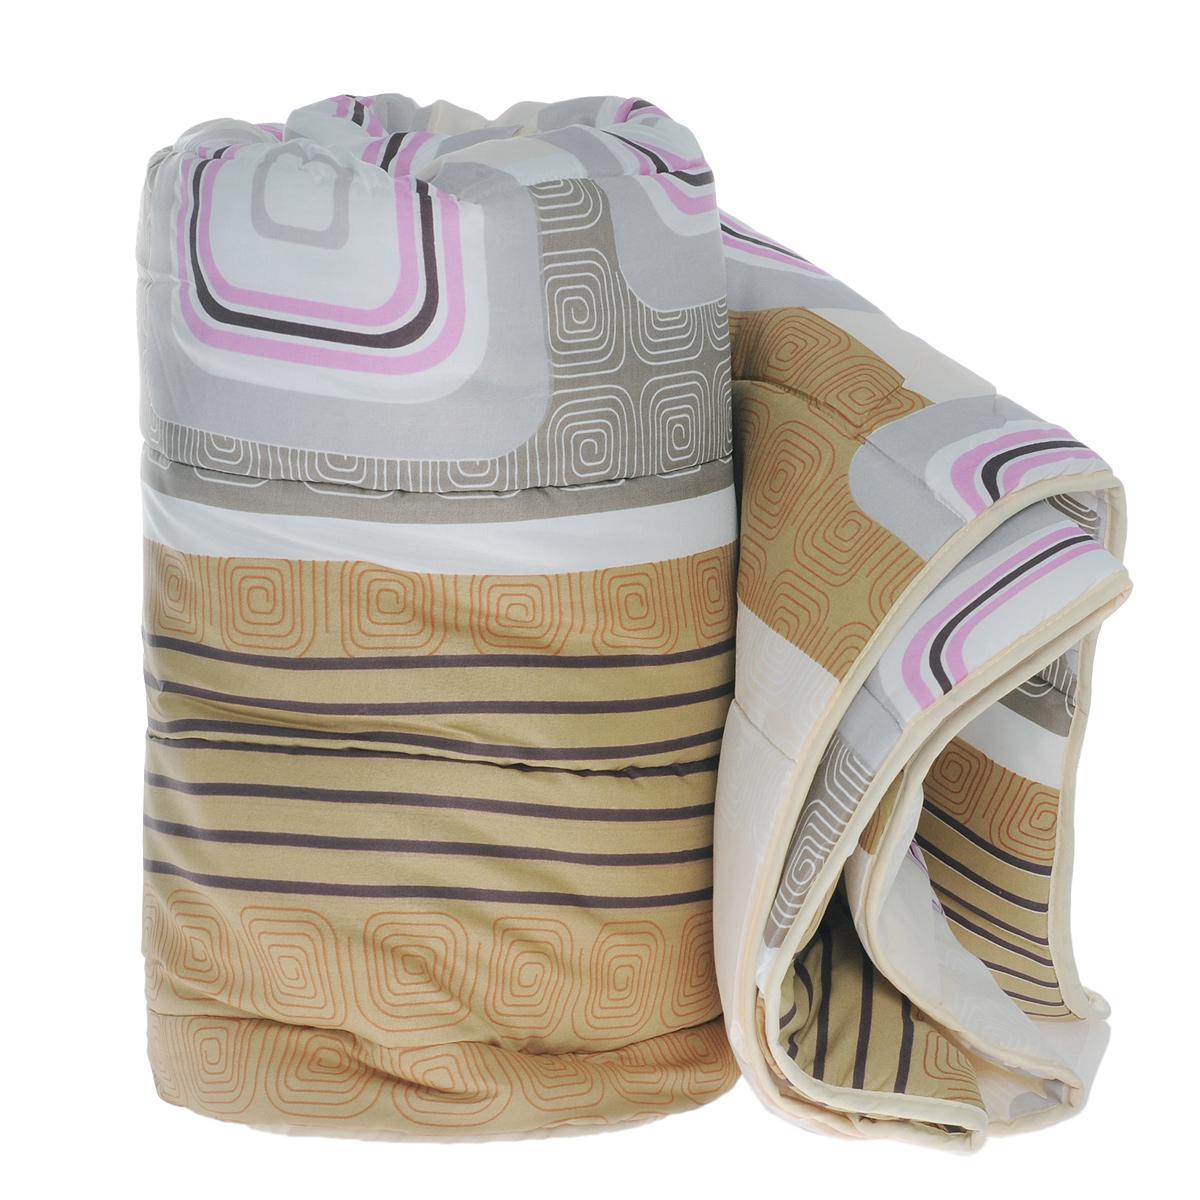 Одеяло всесезонное OL-Tex Miotex, наполнитель: полиэфирное волокно Holfiteks, 172 х 205 см, в ассортиментеМХПЭ-18-3Всесезонное одеяло OL-Tex Miotex создаст комфорт и уют во время сна. Стеганый чехол выполнен из полиэстера и оформлен красивым рисунком. Внутри - наполнитель из полиэфирного высокосиликонизированного волокна Holfiteks, упругий и качественный. Холфитекс - современный экологически чистый синтетический материал, изготовленный по новейшим технологиям. Его уникальность заключается в расположении волокон, которые позволяют моментально восстанавливать форму и сохранять ее долгое время. Изделия с использованием Холфитекса очень удобны в эксплуатации - их можно часто стирать без потери потребительских свойств, они быстро высыхают, не впитывают запахов и совершенно гиппоаллергенны. Холфитекс также обеспечивает хорошую терморегуляцию, поэтому изделия с наполнителем из холфитекса очень комфортны в использовании. Одеяло с наполнителем Холфитекс порадует вас в любое время года. Оно комфортно согревает и создает отличный микроклимат. Рекомендации...